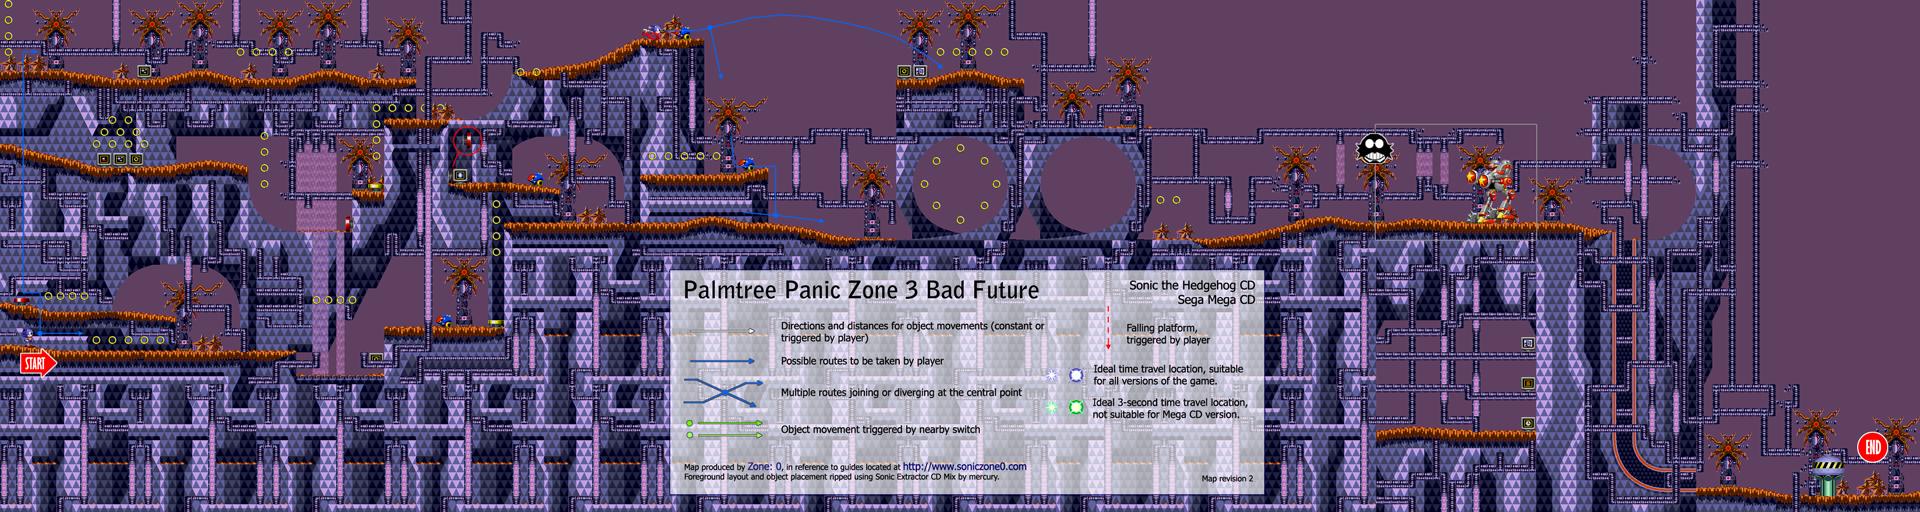 Zone: 0 > Sonic CD > Palmtree Panic